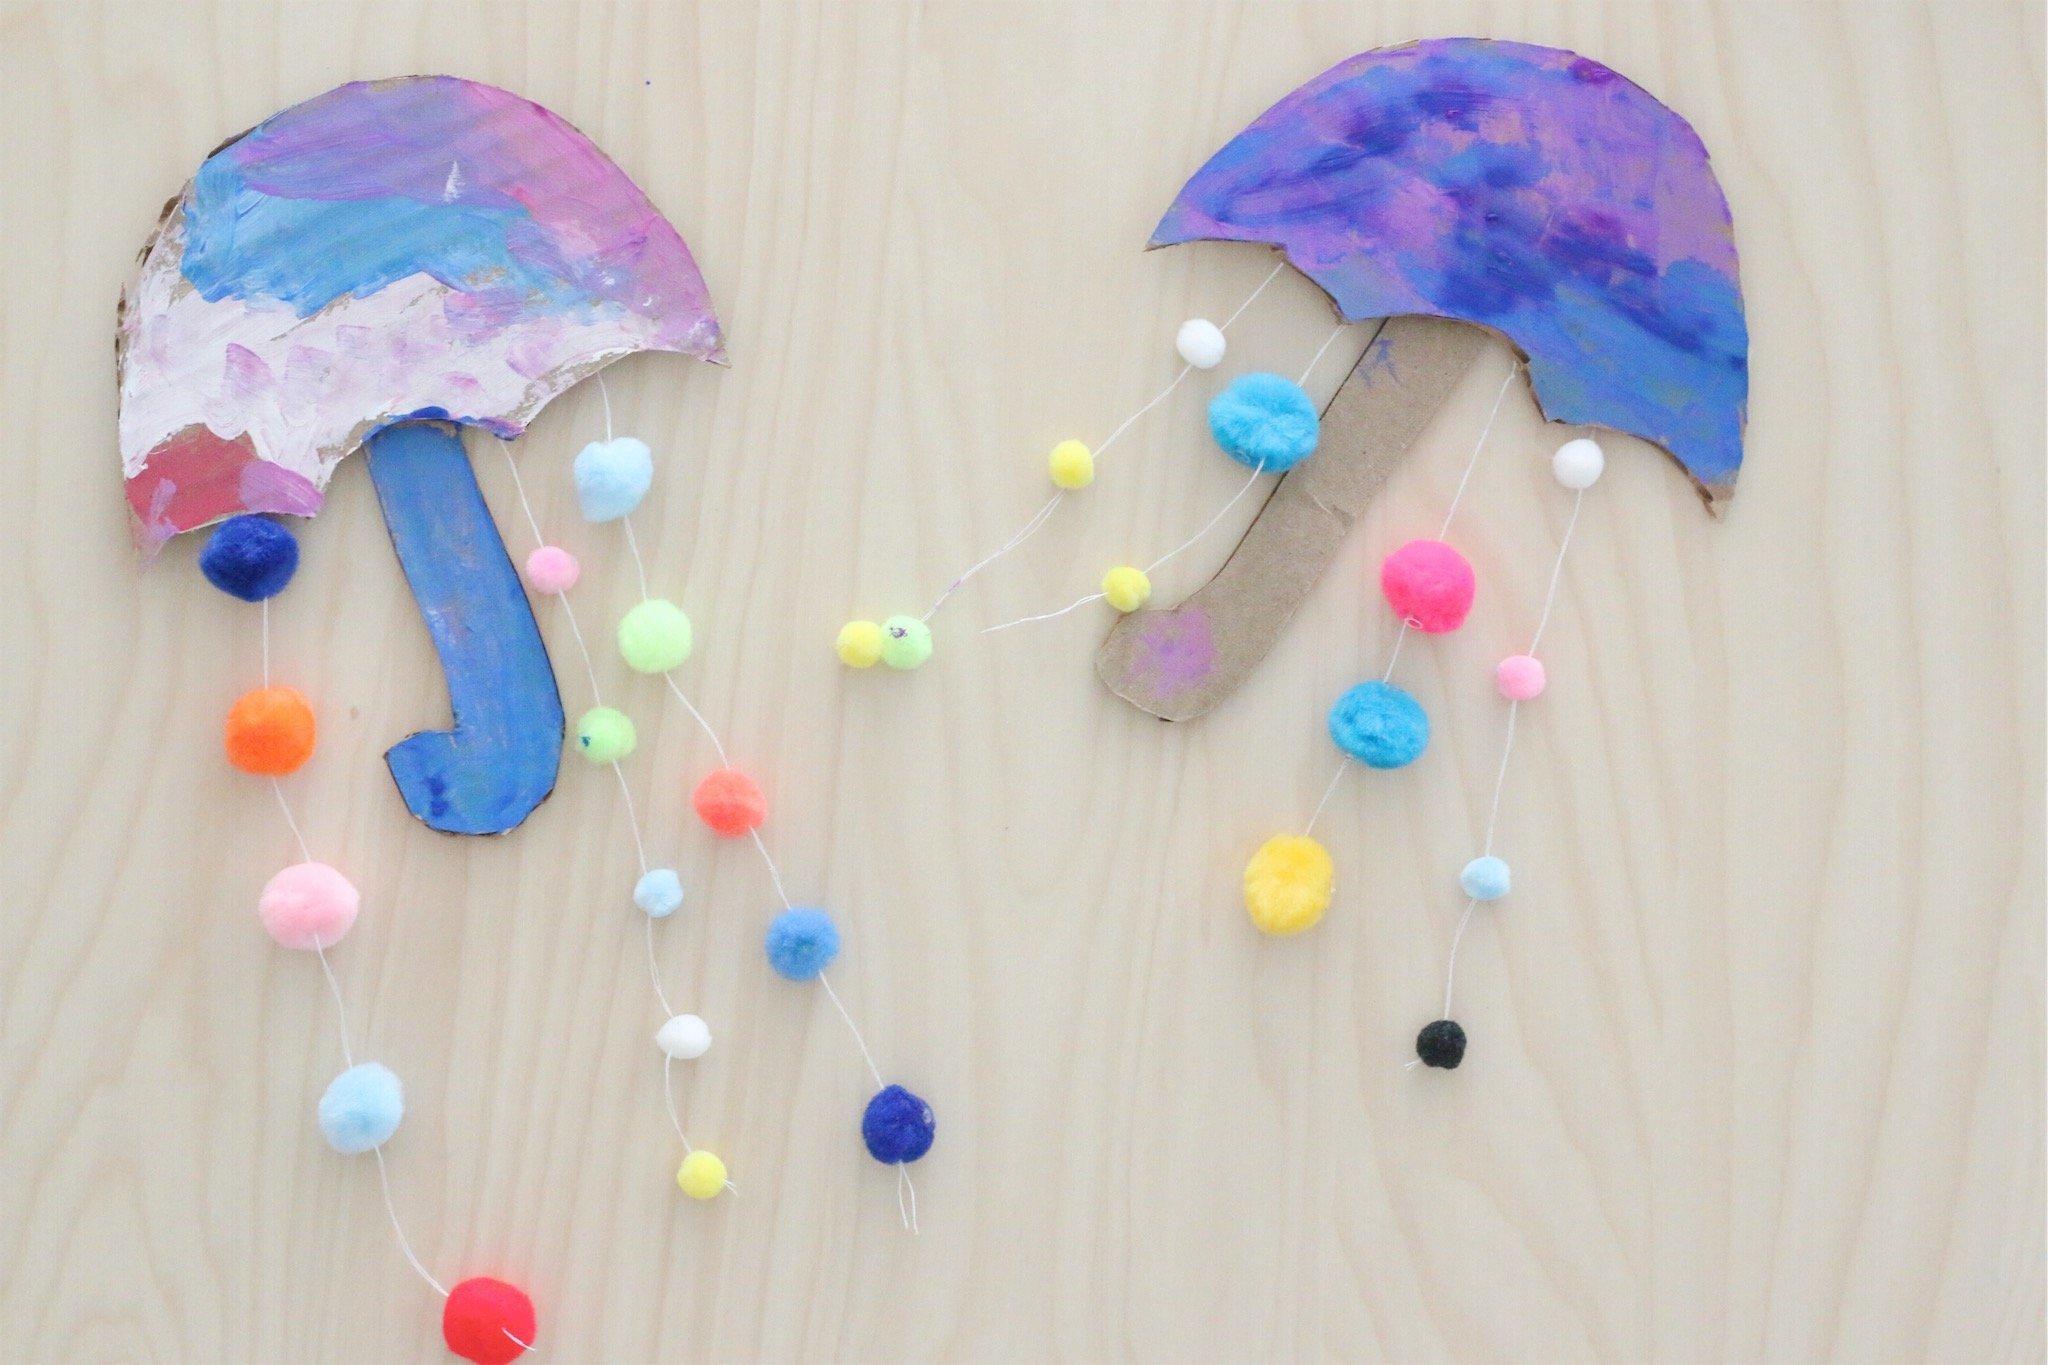 Pom-pom Umbrella Craft